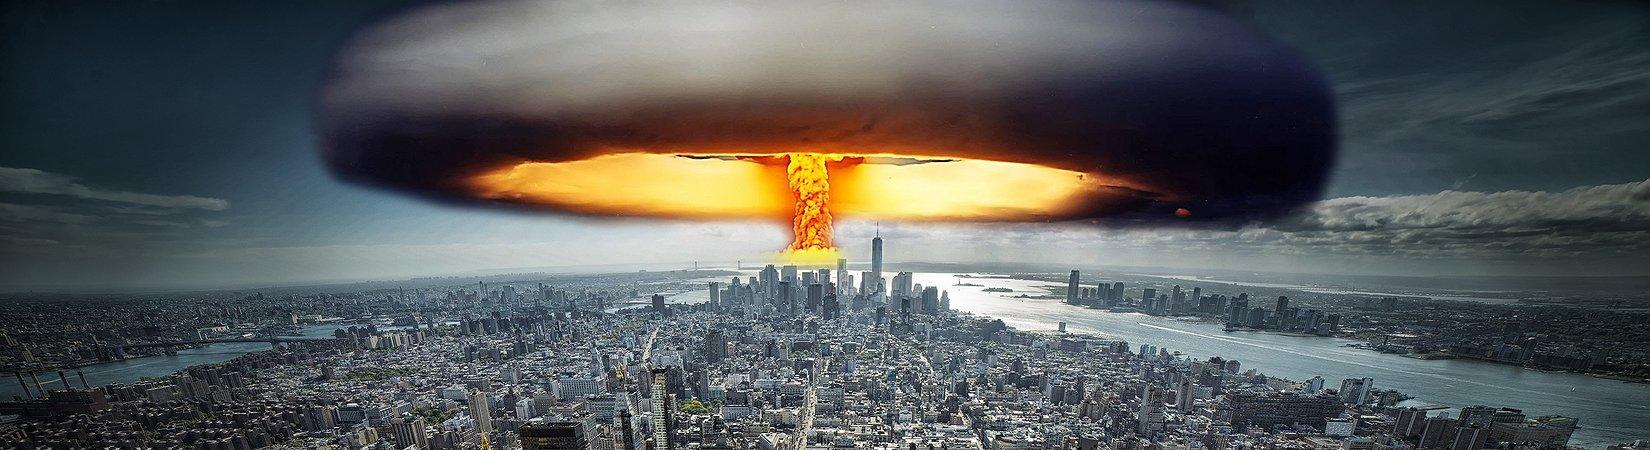 Cómo sobrevivir a la primera hora después de una explosión nuclear